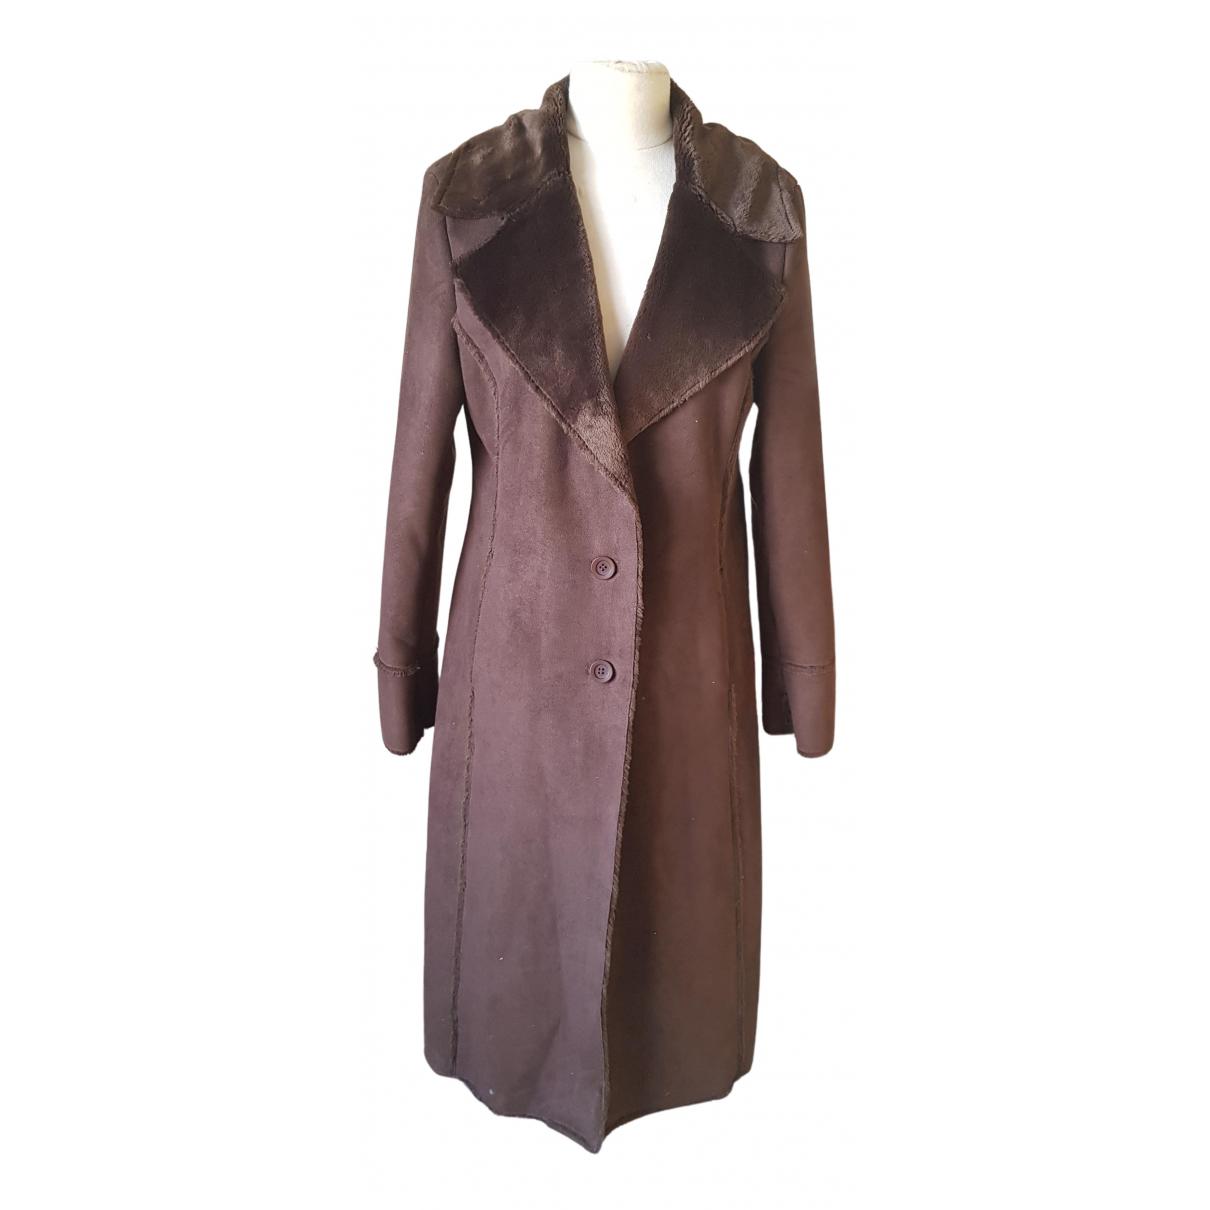 Balmain \N Brown coat for Women 40 FR